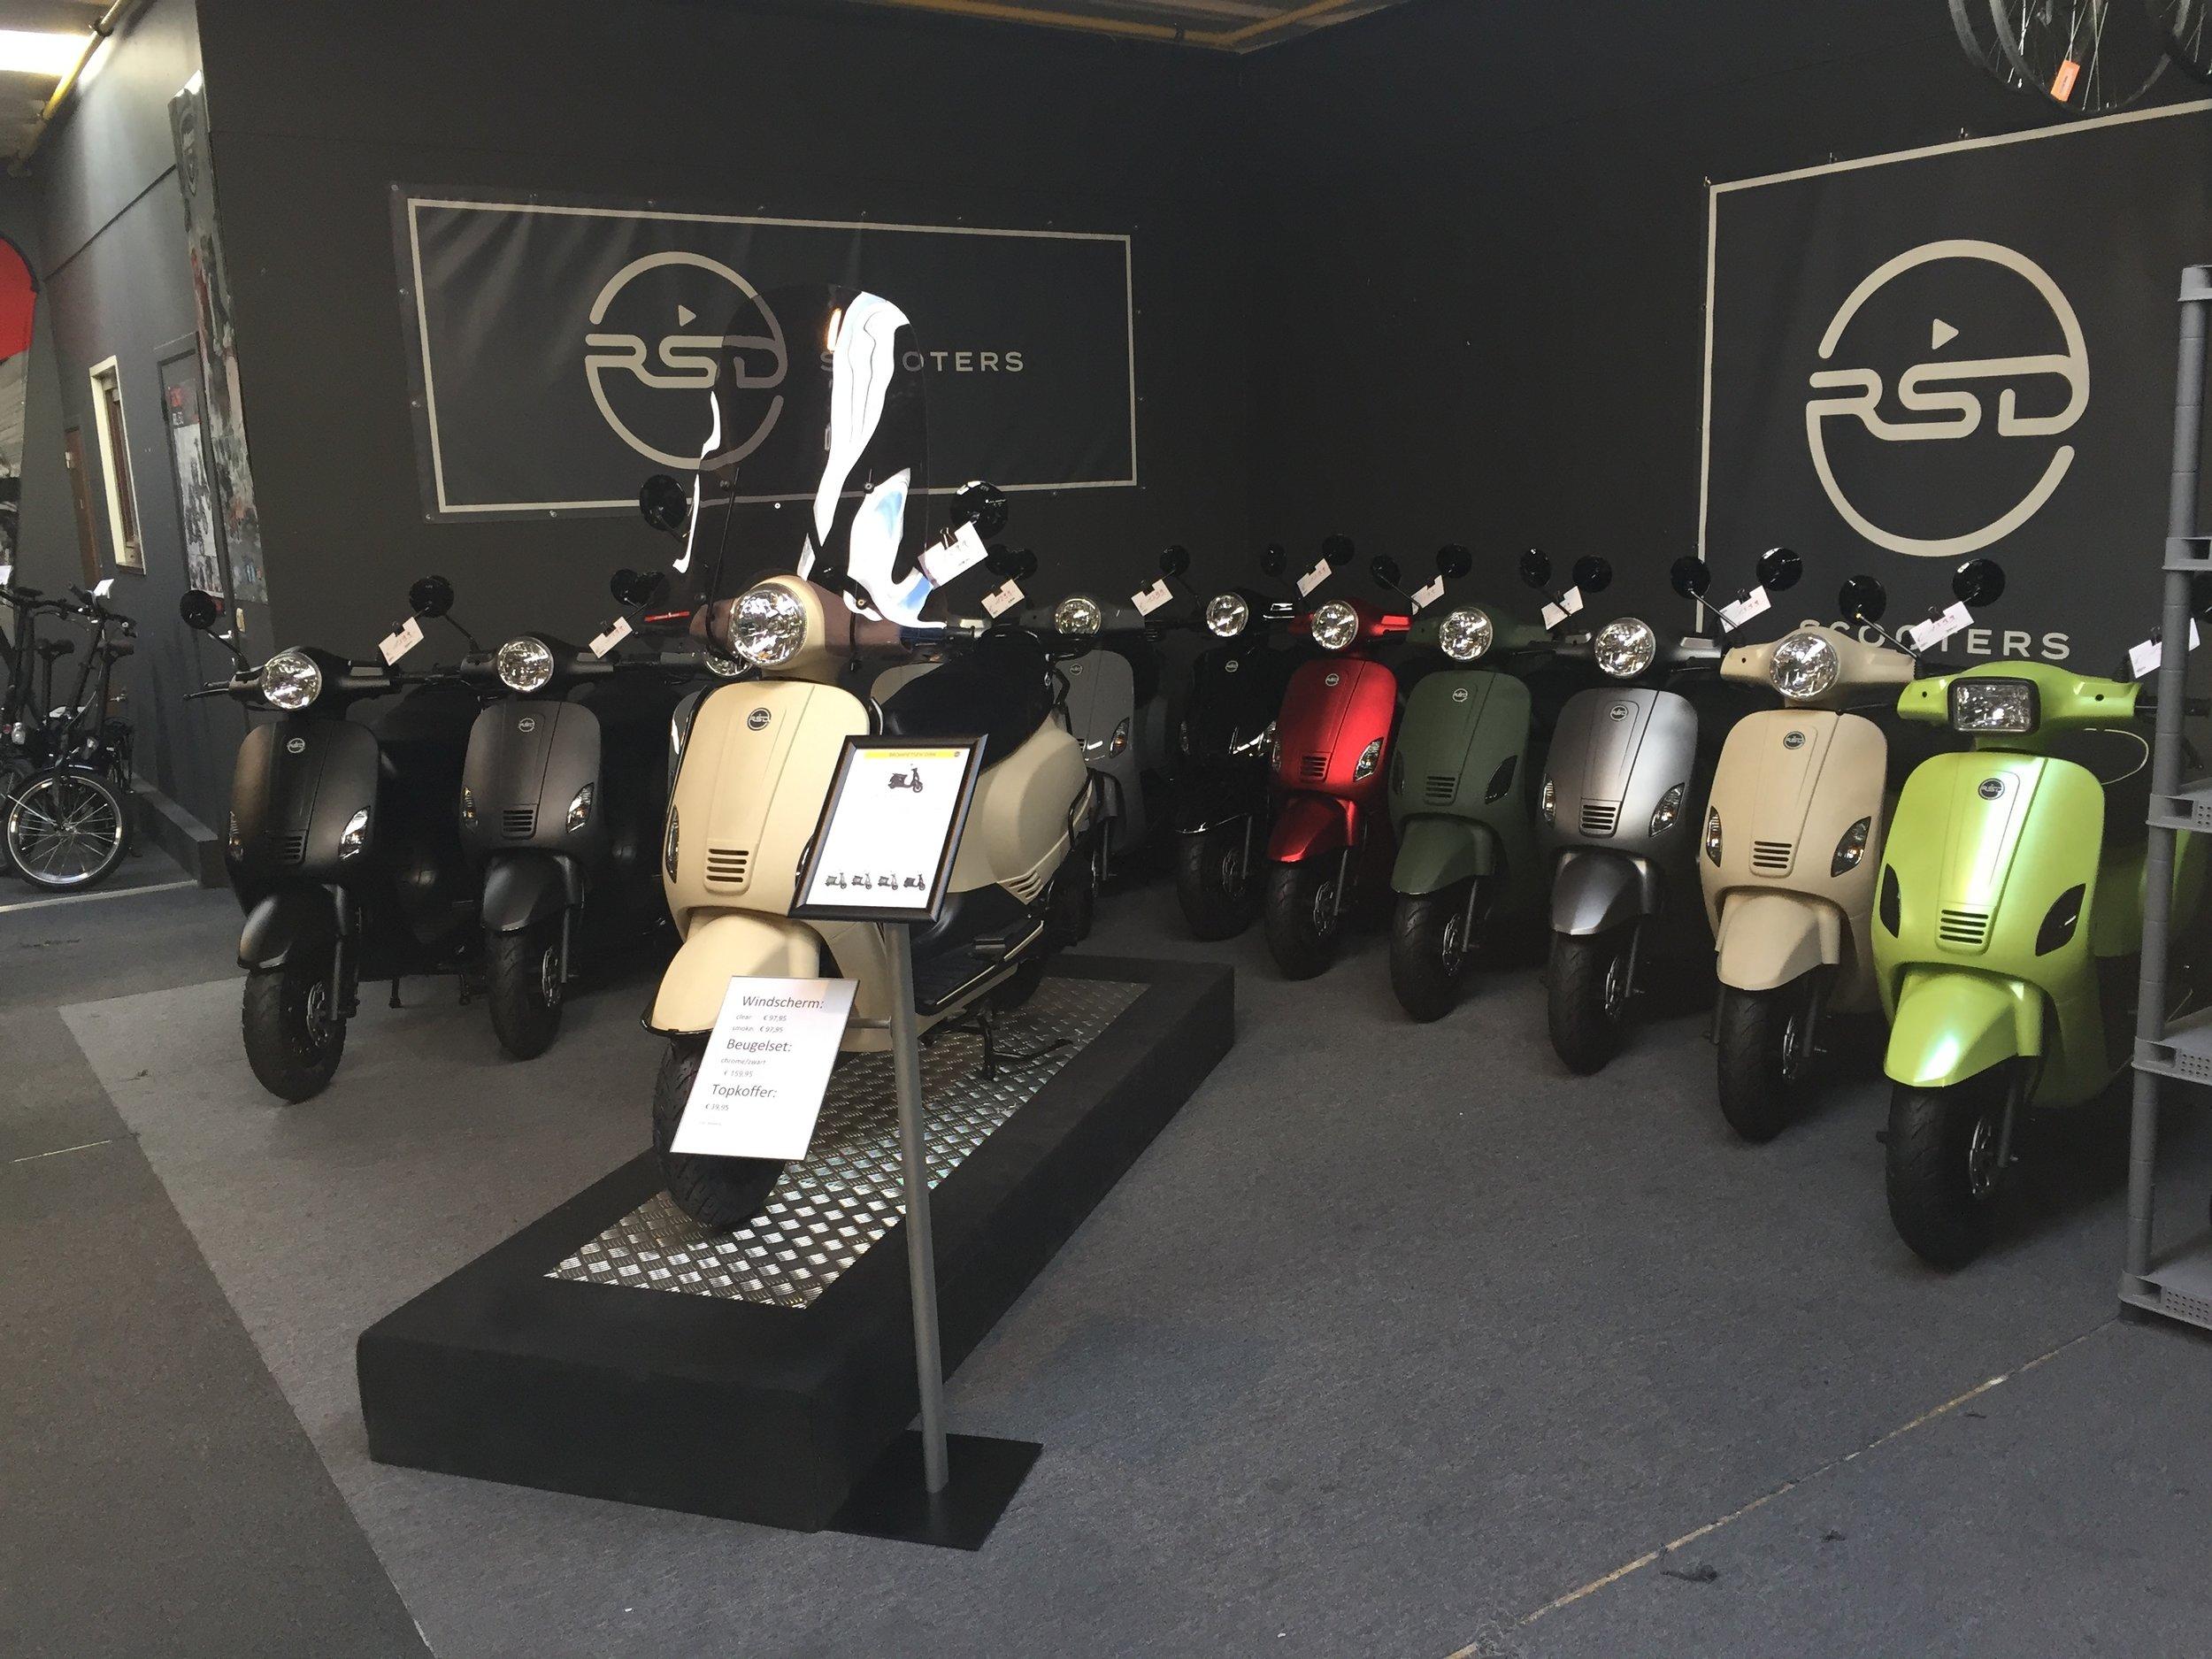 NIEUW...Ontdek ons huismerk! - De RSD Pure is één van onze meest complete scooters.Voortaan kan je een kijkje komen nemen in onze showroom, waar je alle beschikbare kleuren kan komen bewonderen!